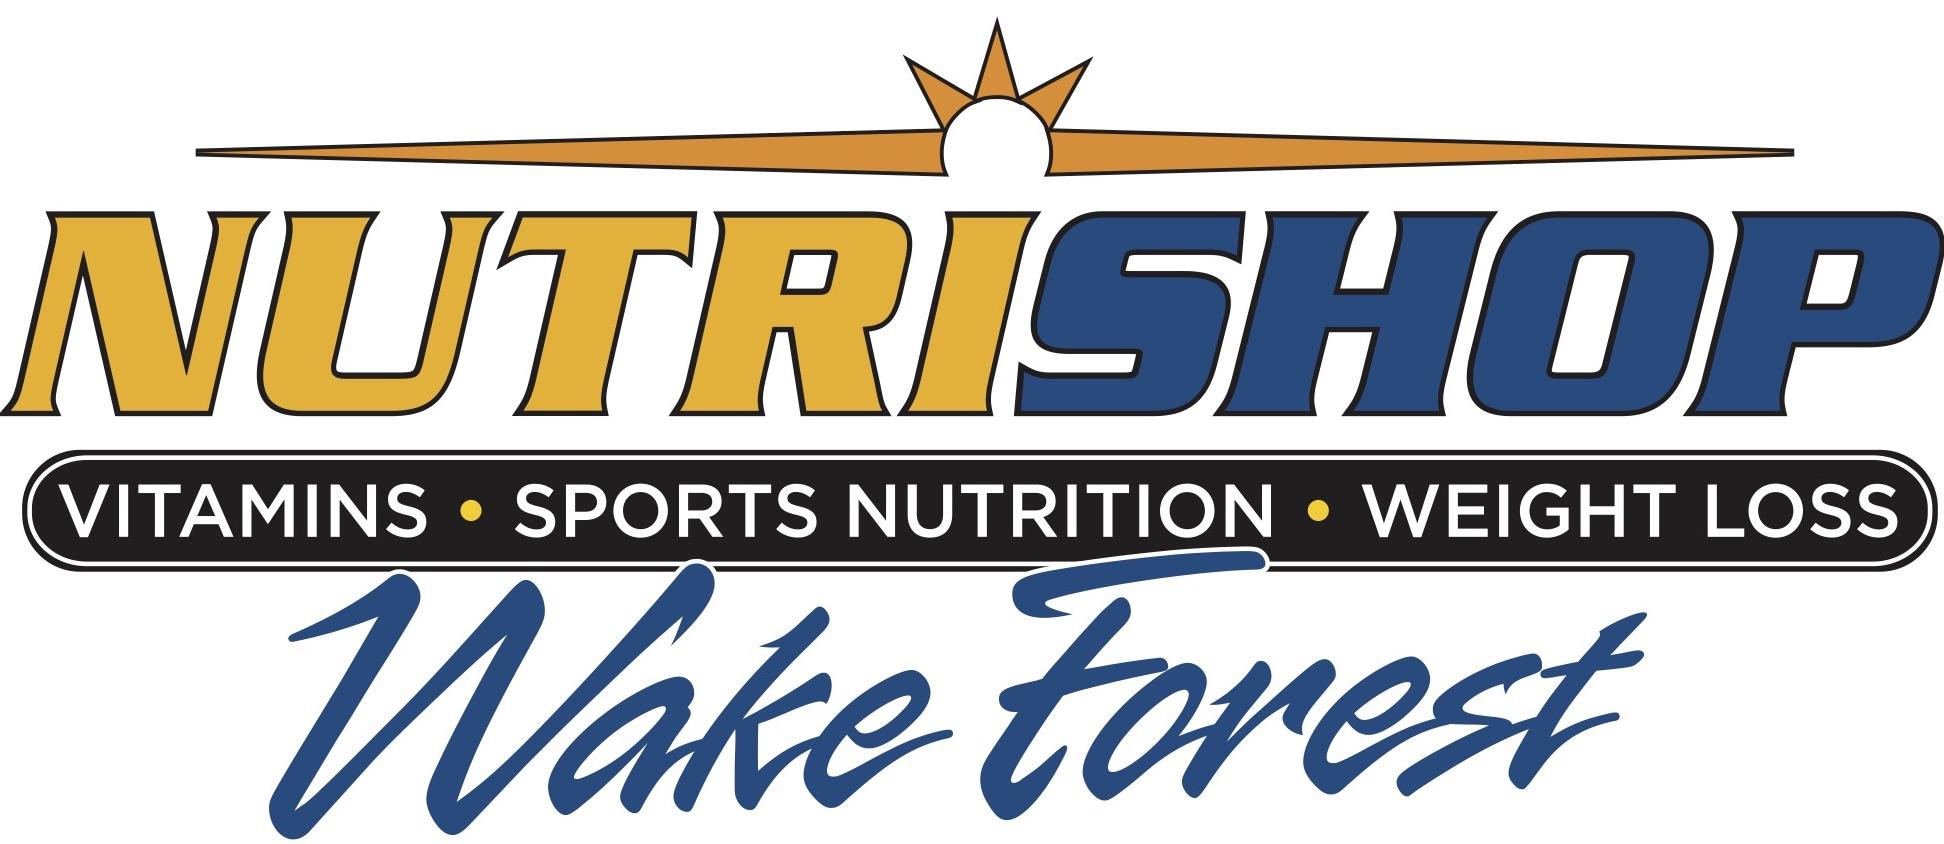 Sponsor Nutrishop Wake Forest